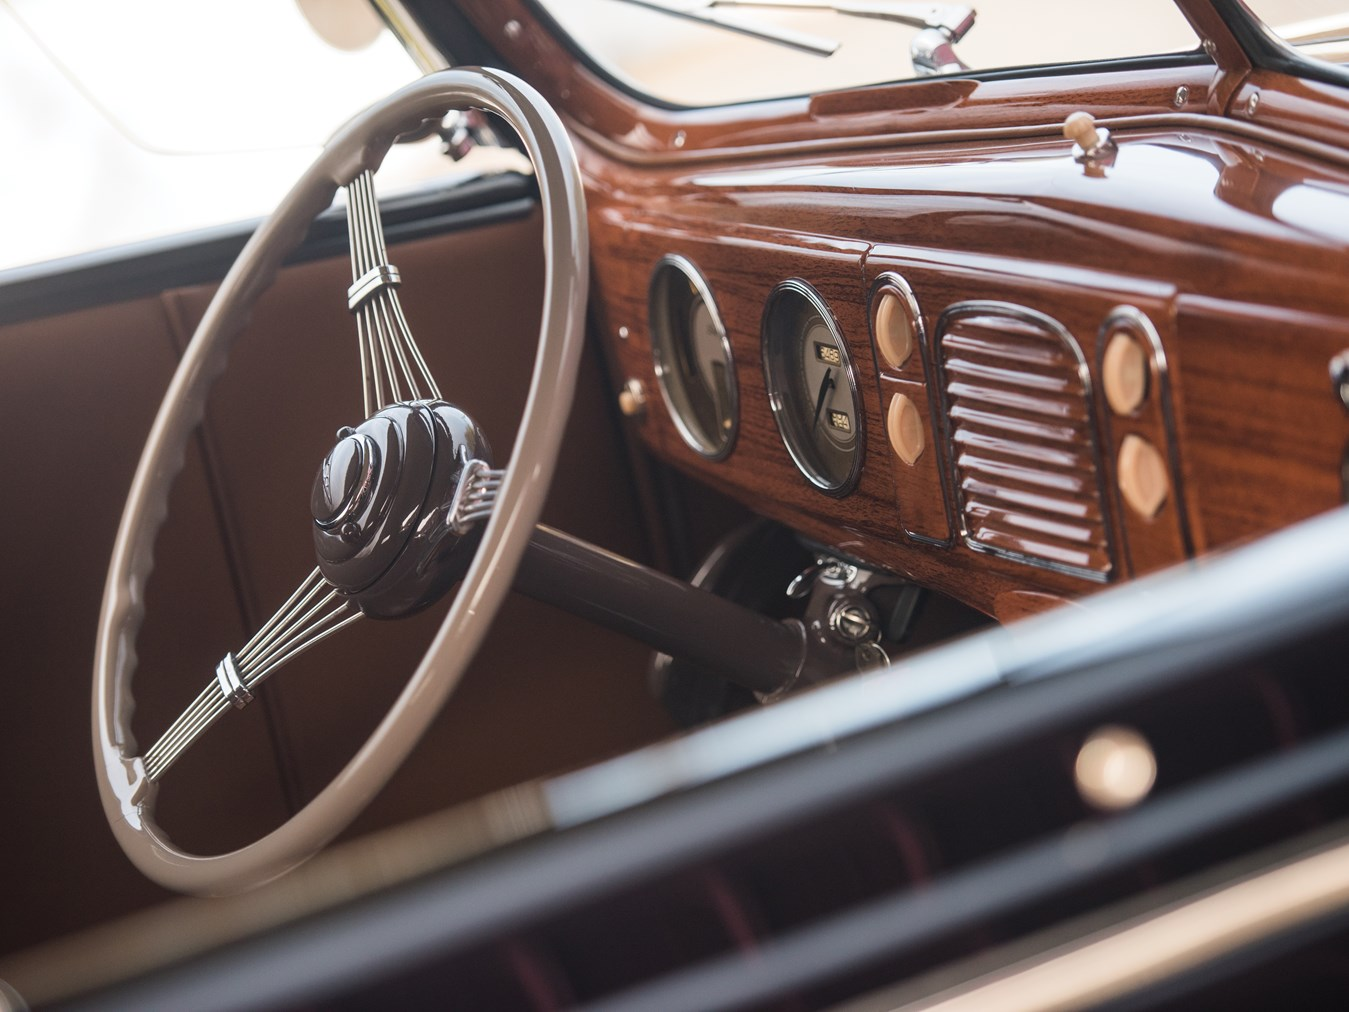 1938 Ford V-8 DeLuxe Phaeton